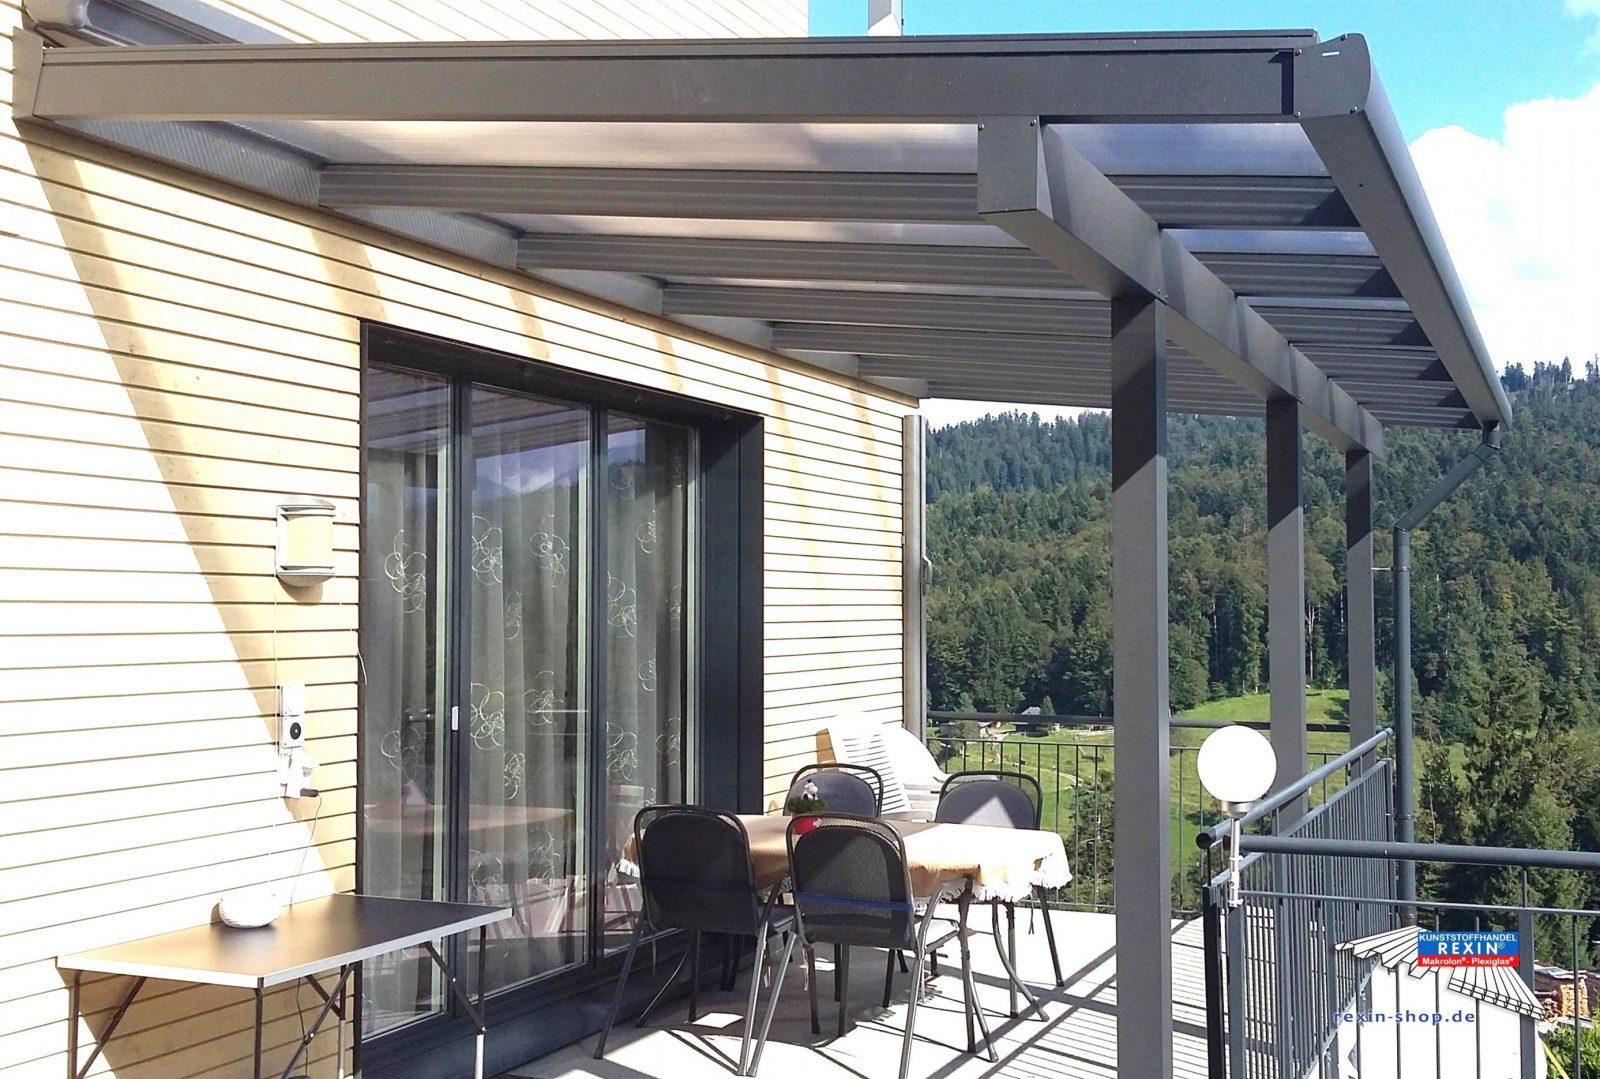 Terrasse Seitenwand Aus Stegplatten Luxus Terrassen Windschutz Holz von Terrasse Seitenwand Selber Bauen Photo